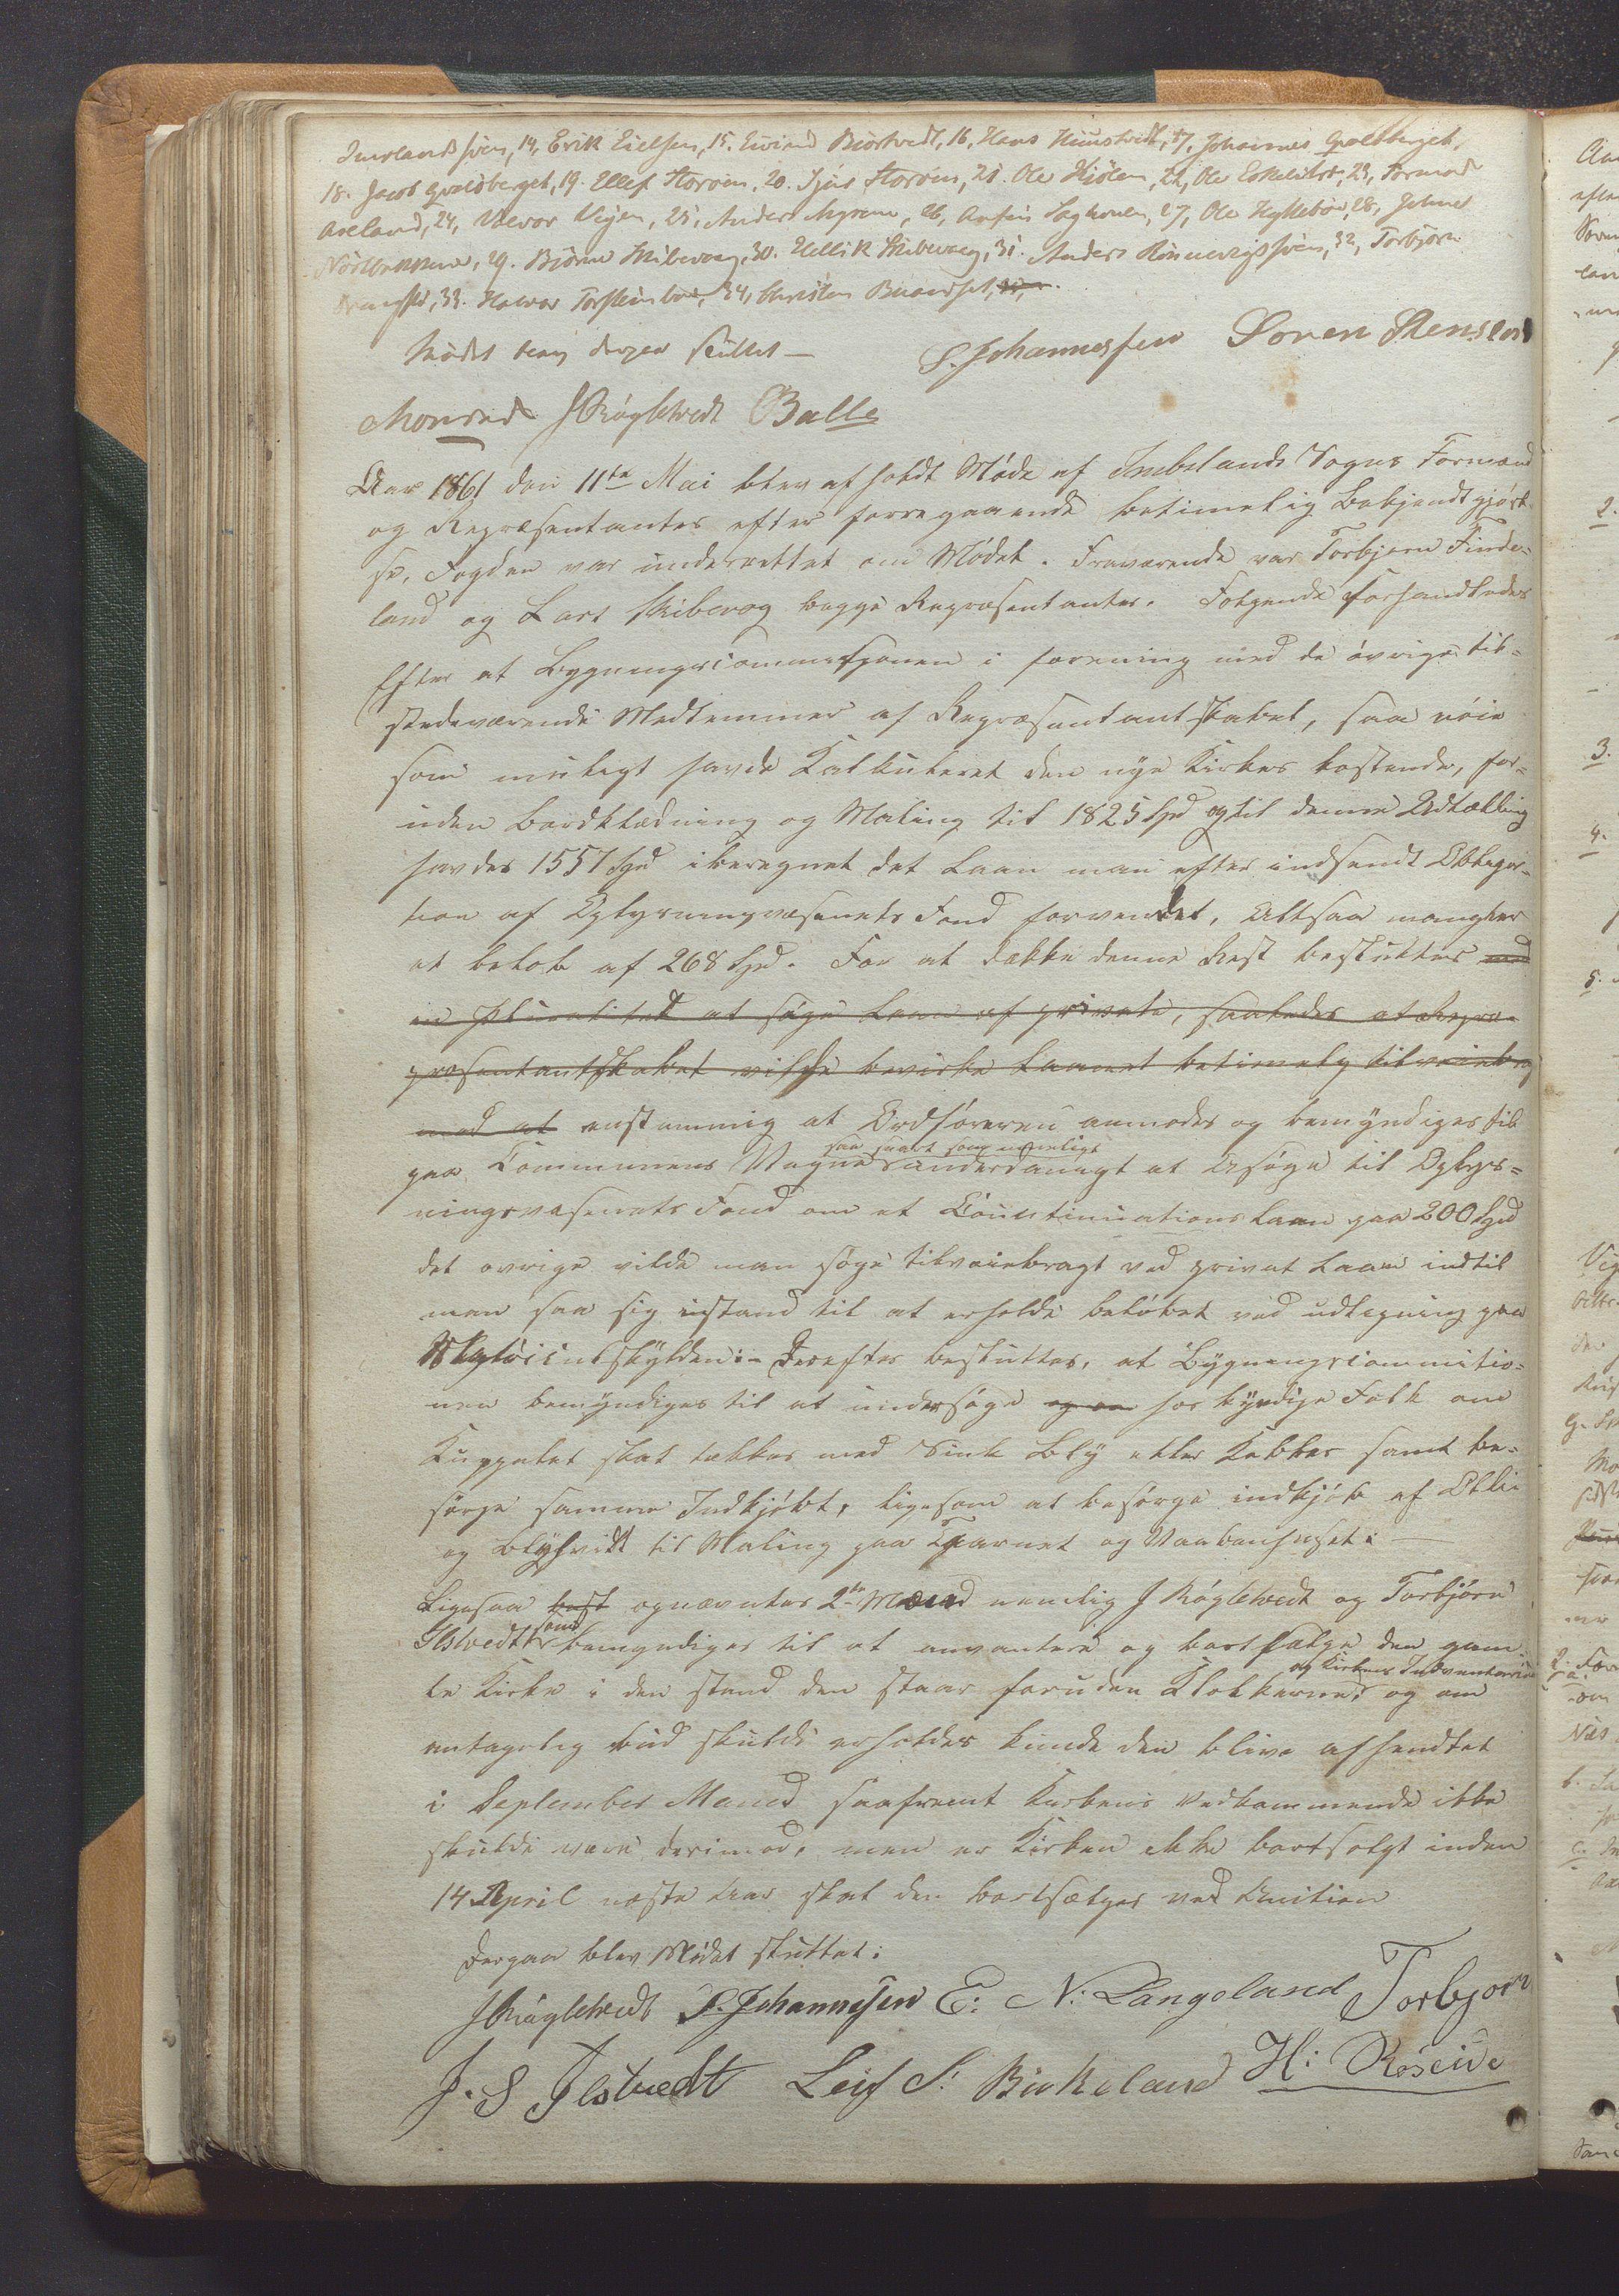 IKAR, Vikedal kommune - Formannskapet, Aaa/L0001: Møtebok, 1837-1874, s. 134b